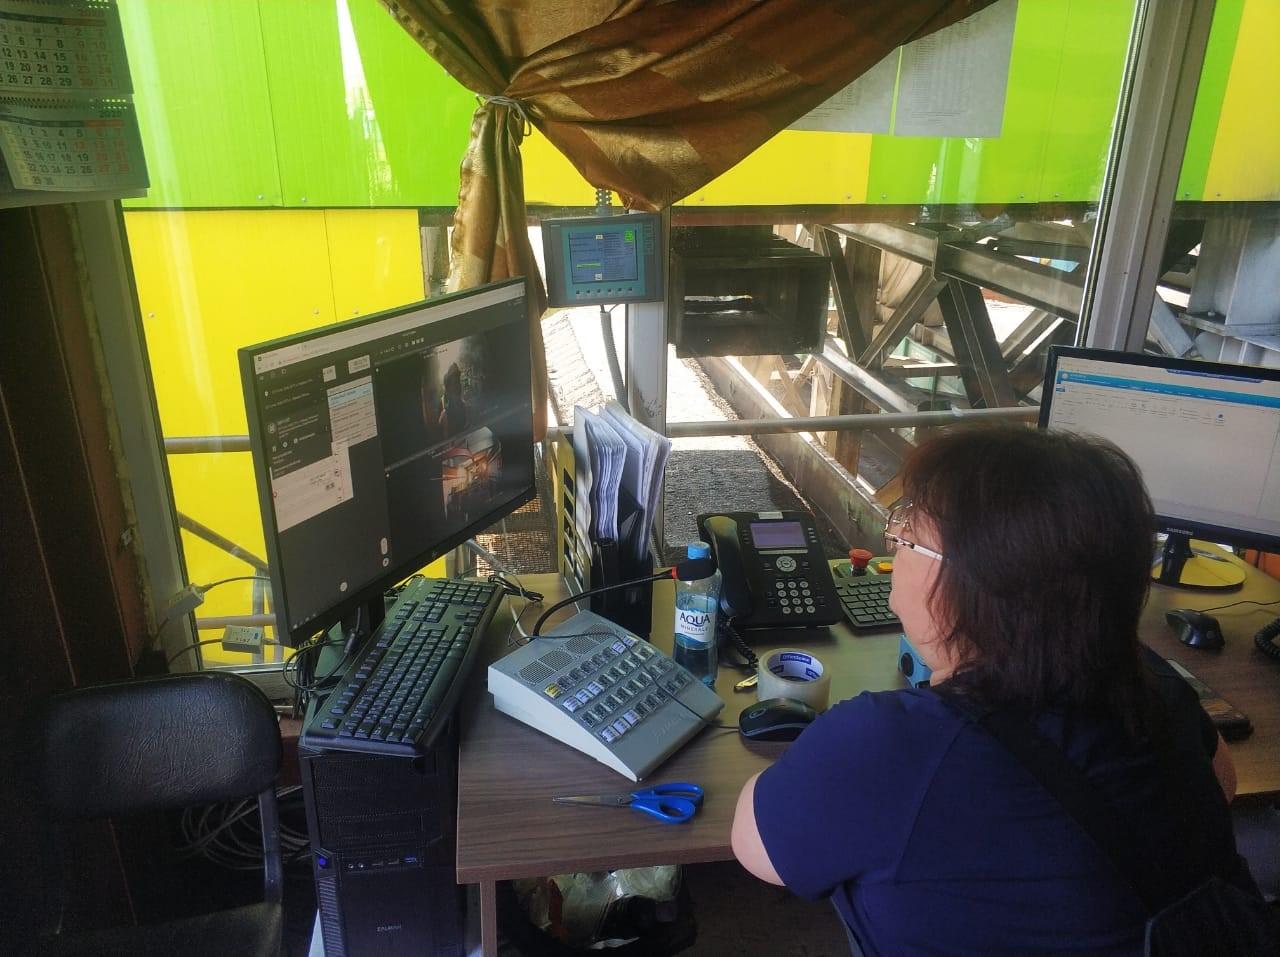 Компания Арман реализовала интеграцию системы оперативно-диспетчерской связи и технологического видеонаблюдения  на Тугнуйской Обогатительной фабрике